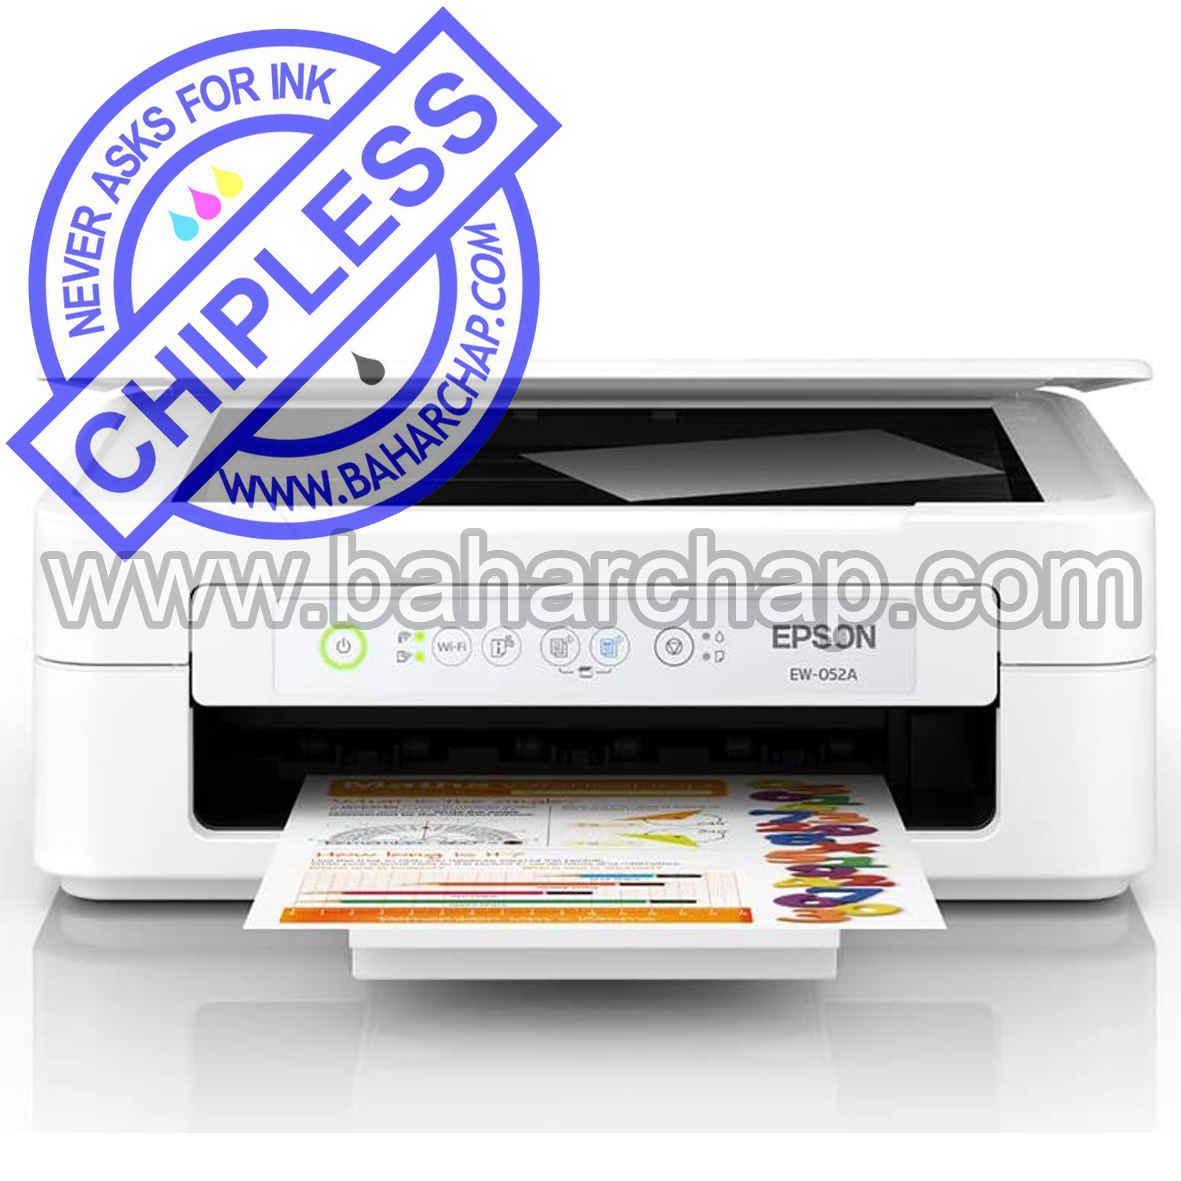 فروشگاه و خدمات اینترنتی بهارچاپ اصفهان-بدون چیپ کردن اپسون EW-052A-epson EW-052A chipless firmware